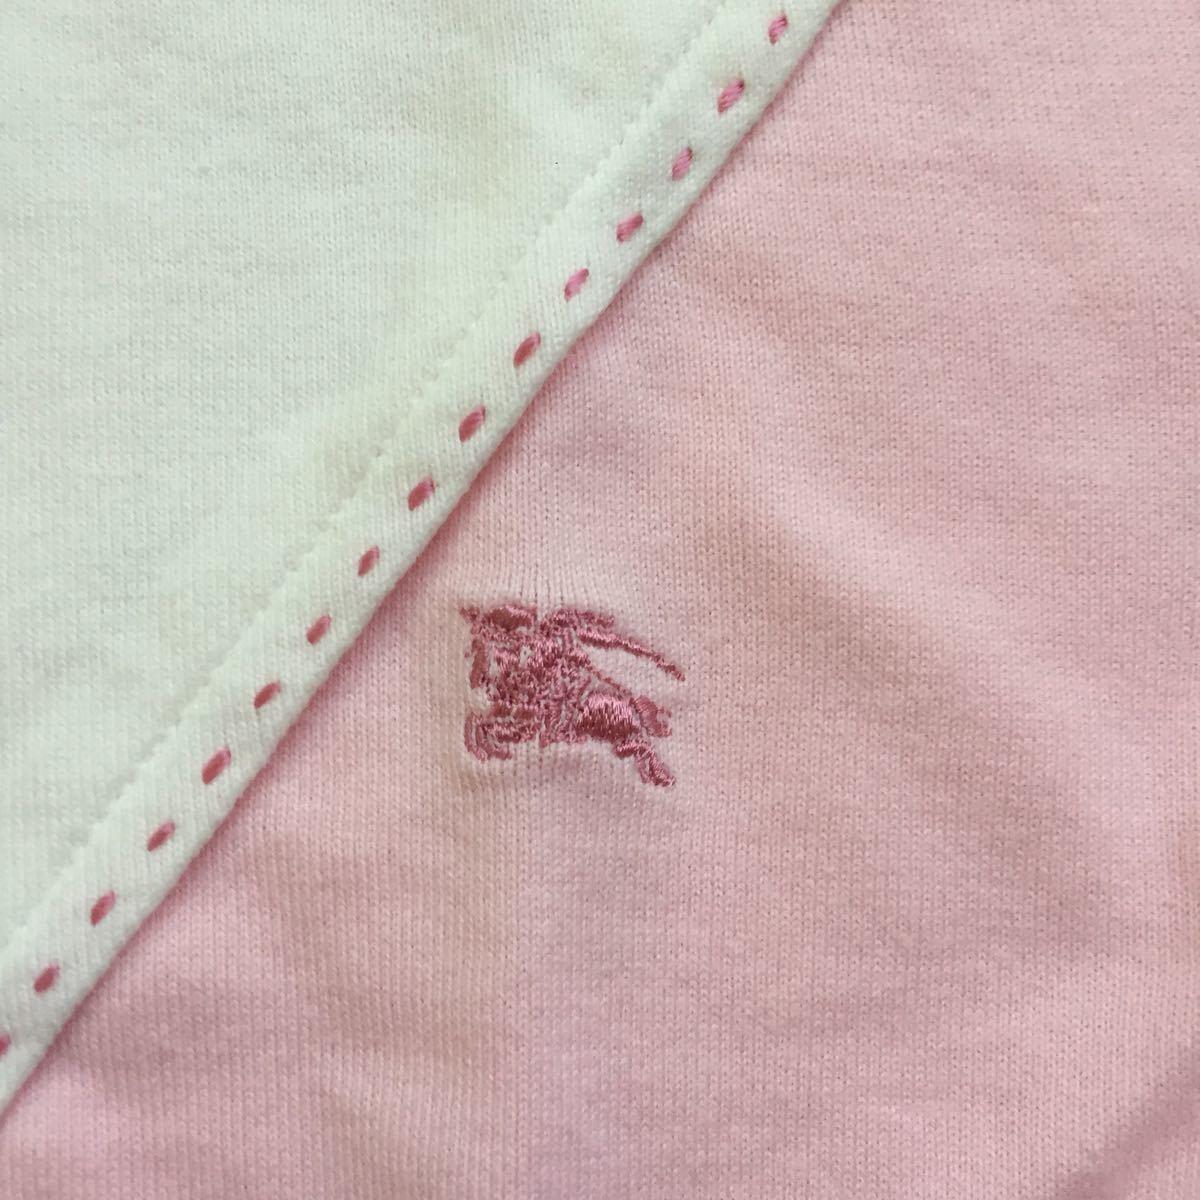 未使用 未着 BURBERRY LONDON バーバリー 綿100 ホース刺繍付き 可愛い長袖Tシャツ サイズ160A オフ白×ピンク 日本製 三陽商会_画像3